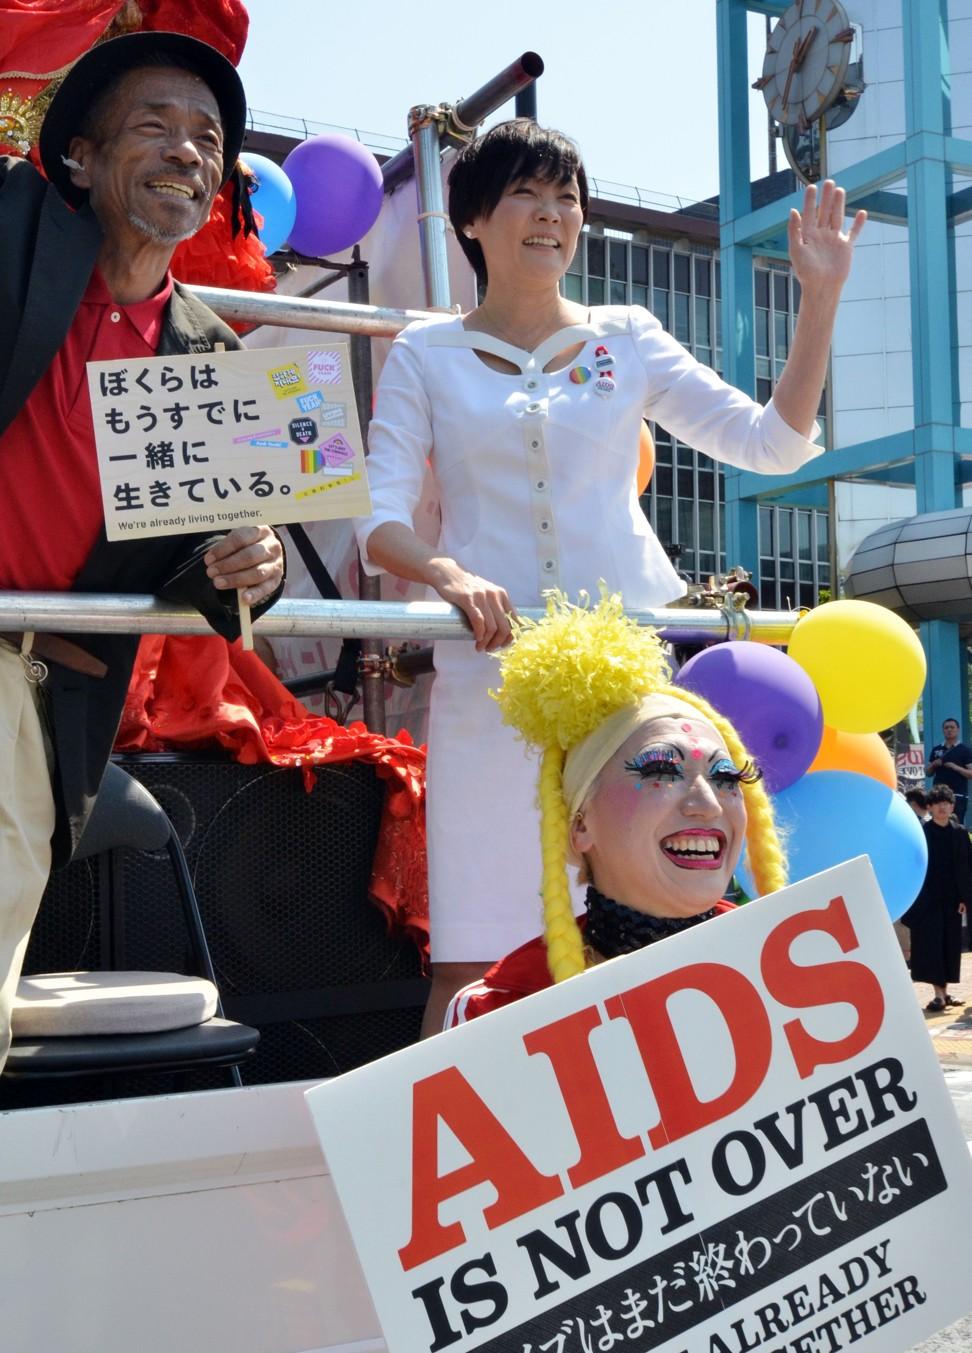 Cuộc sống u uất của nhiều học sinh đồng tính Nhật: Bị chính gia đình chối bỏ và xã hội bỏ rơi - Ảnh 2.